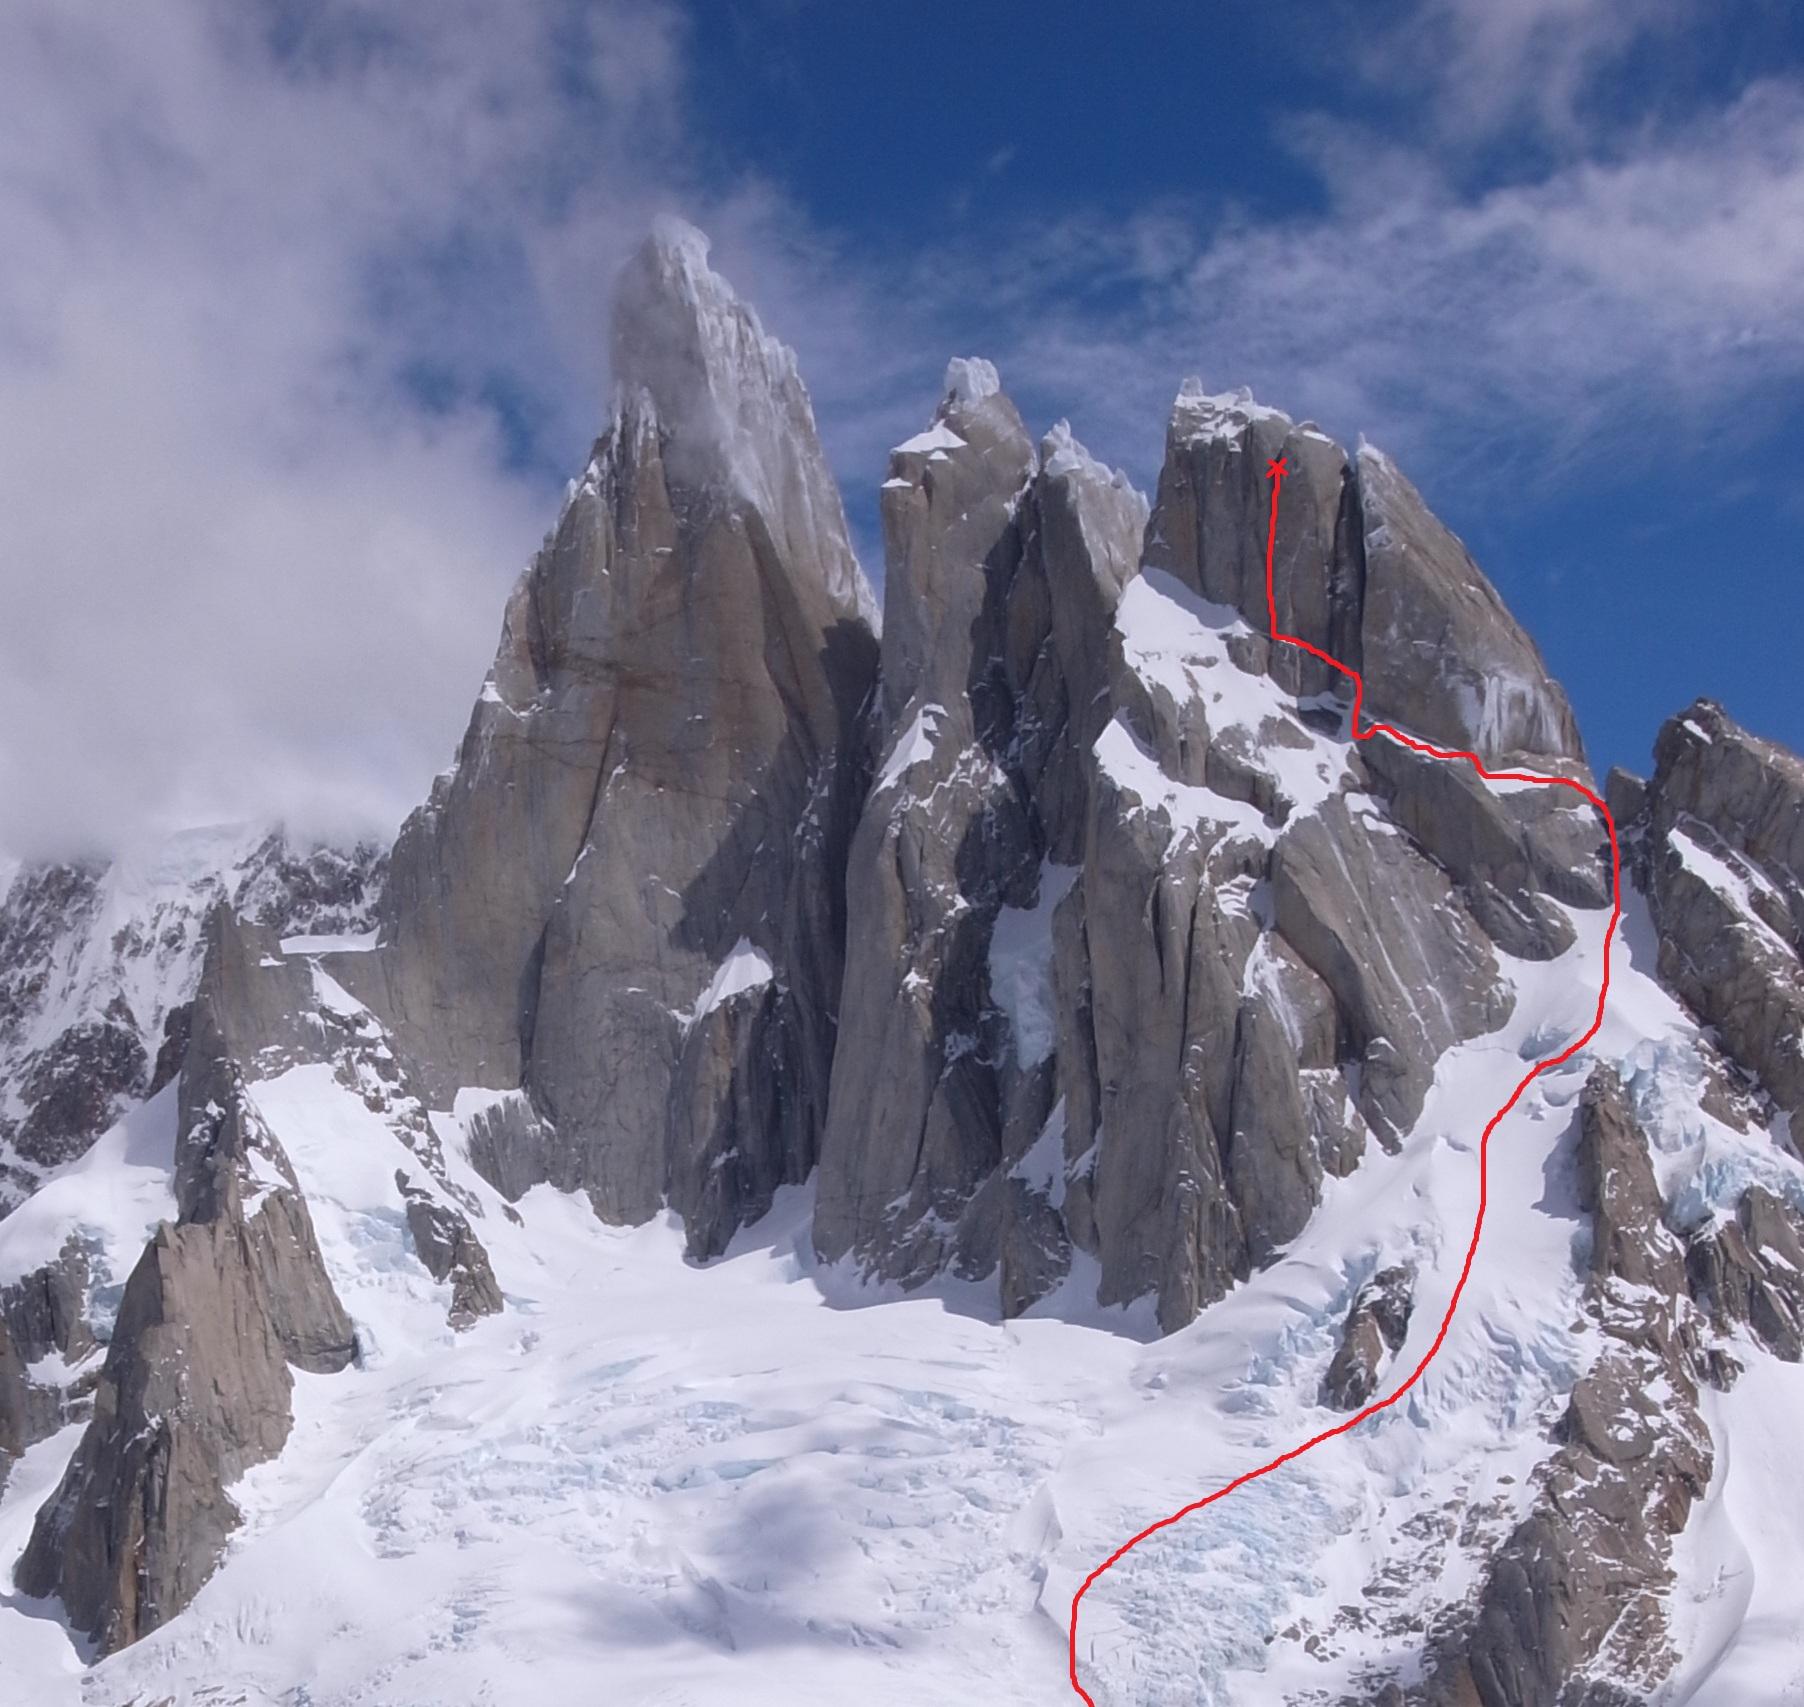 Exocet on Cerro Standhart, Patagonia